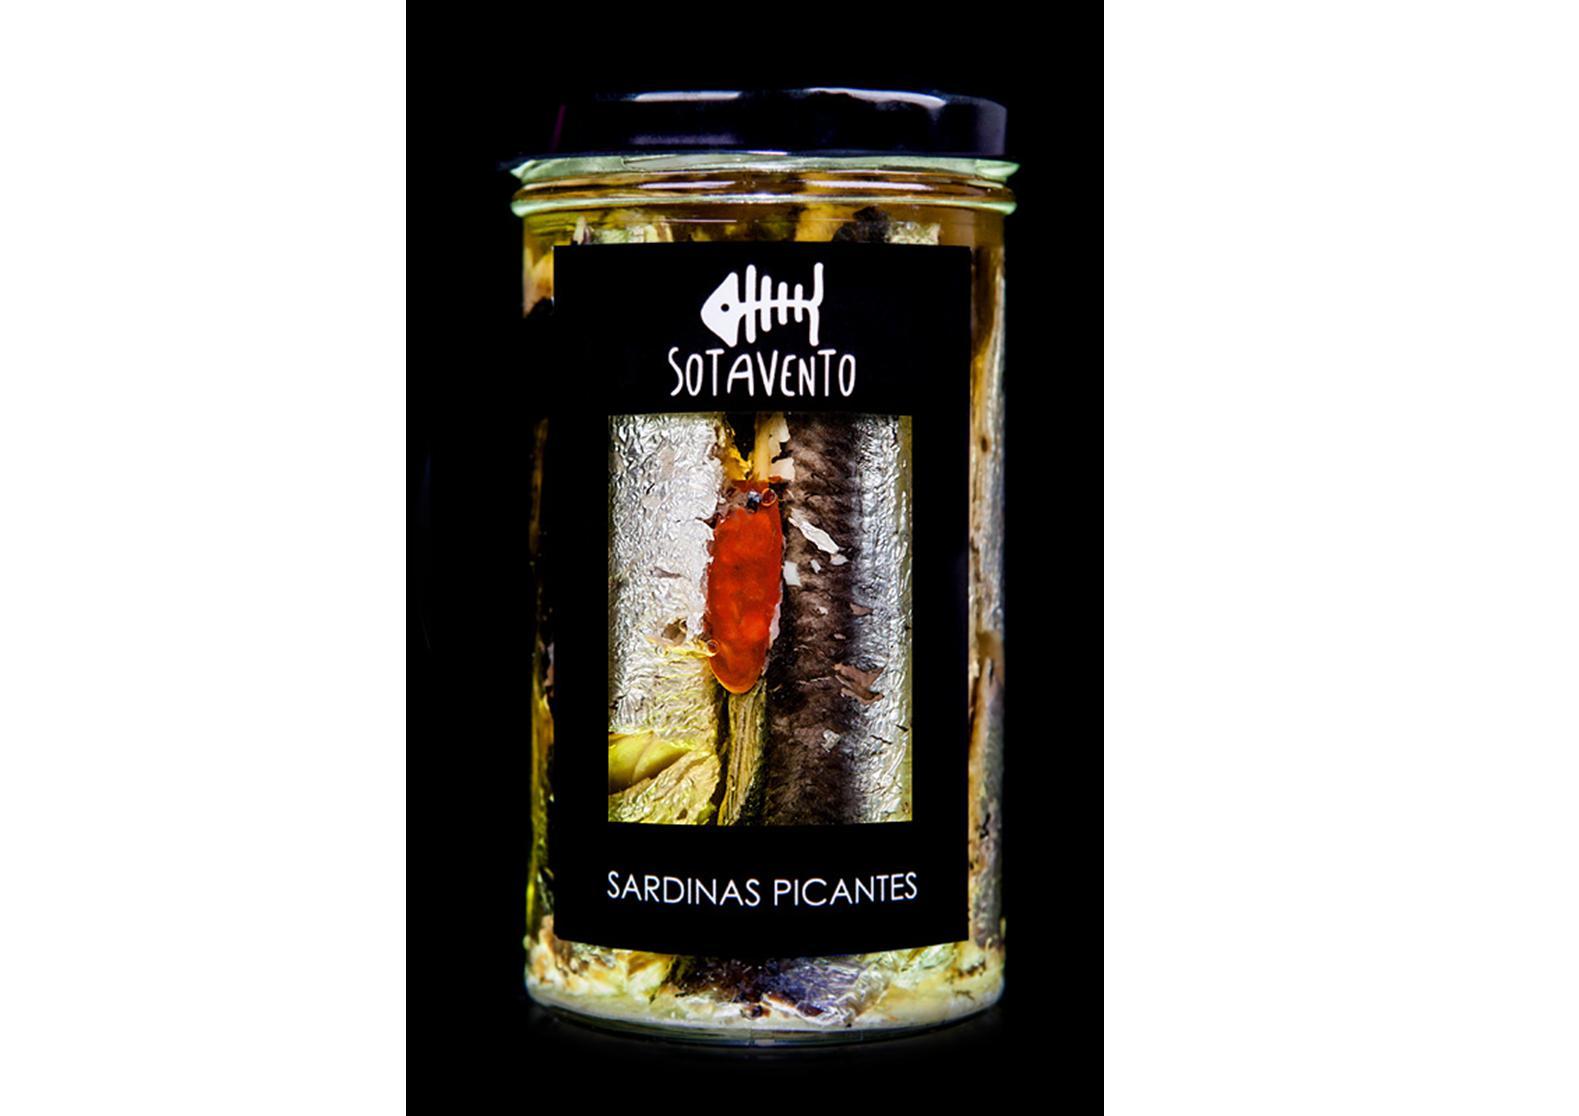 Sardines à l'huile d'olive extra vierge épicée - Sotavento - Conserves de Galice